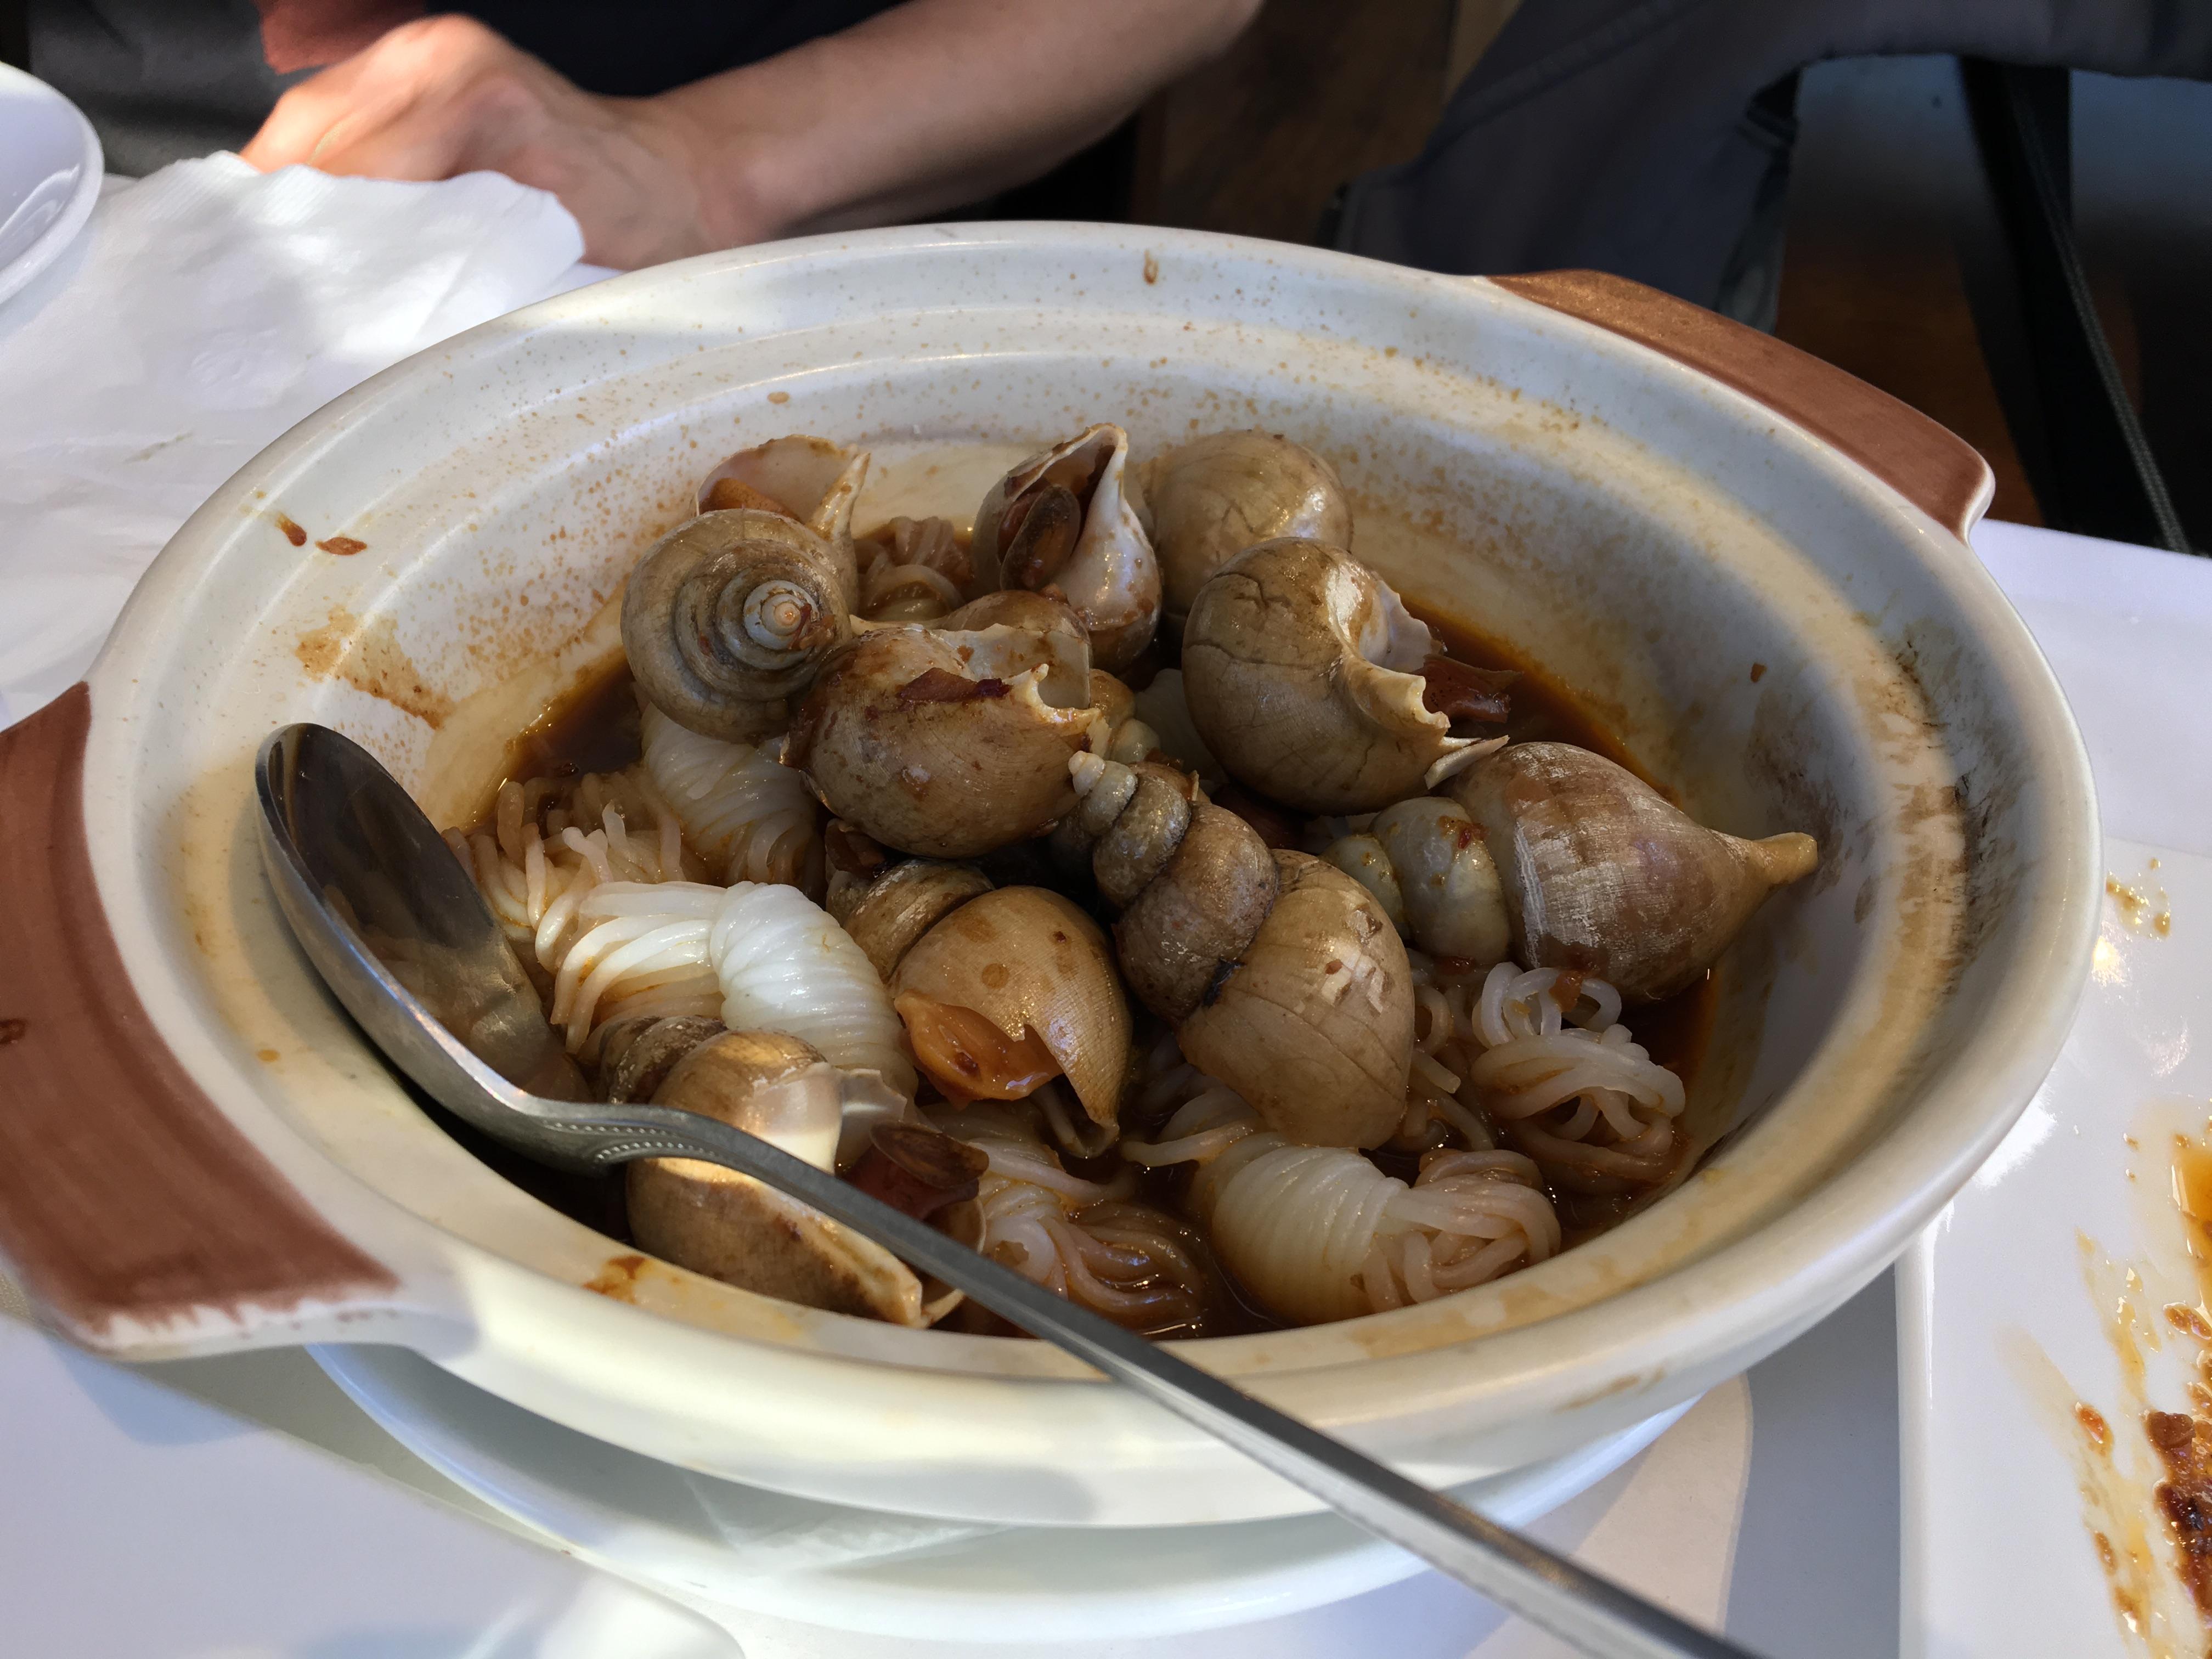 Millbrae] Hong Kong Hee Kee Seafood 香港喜記避風塘炒辣蟹 - SF Bay ...